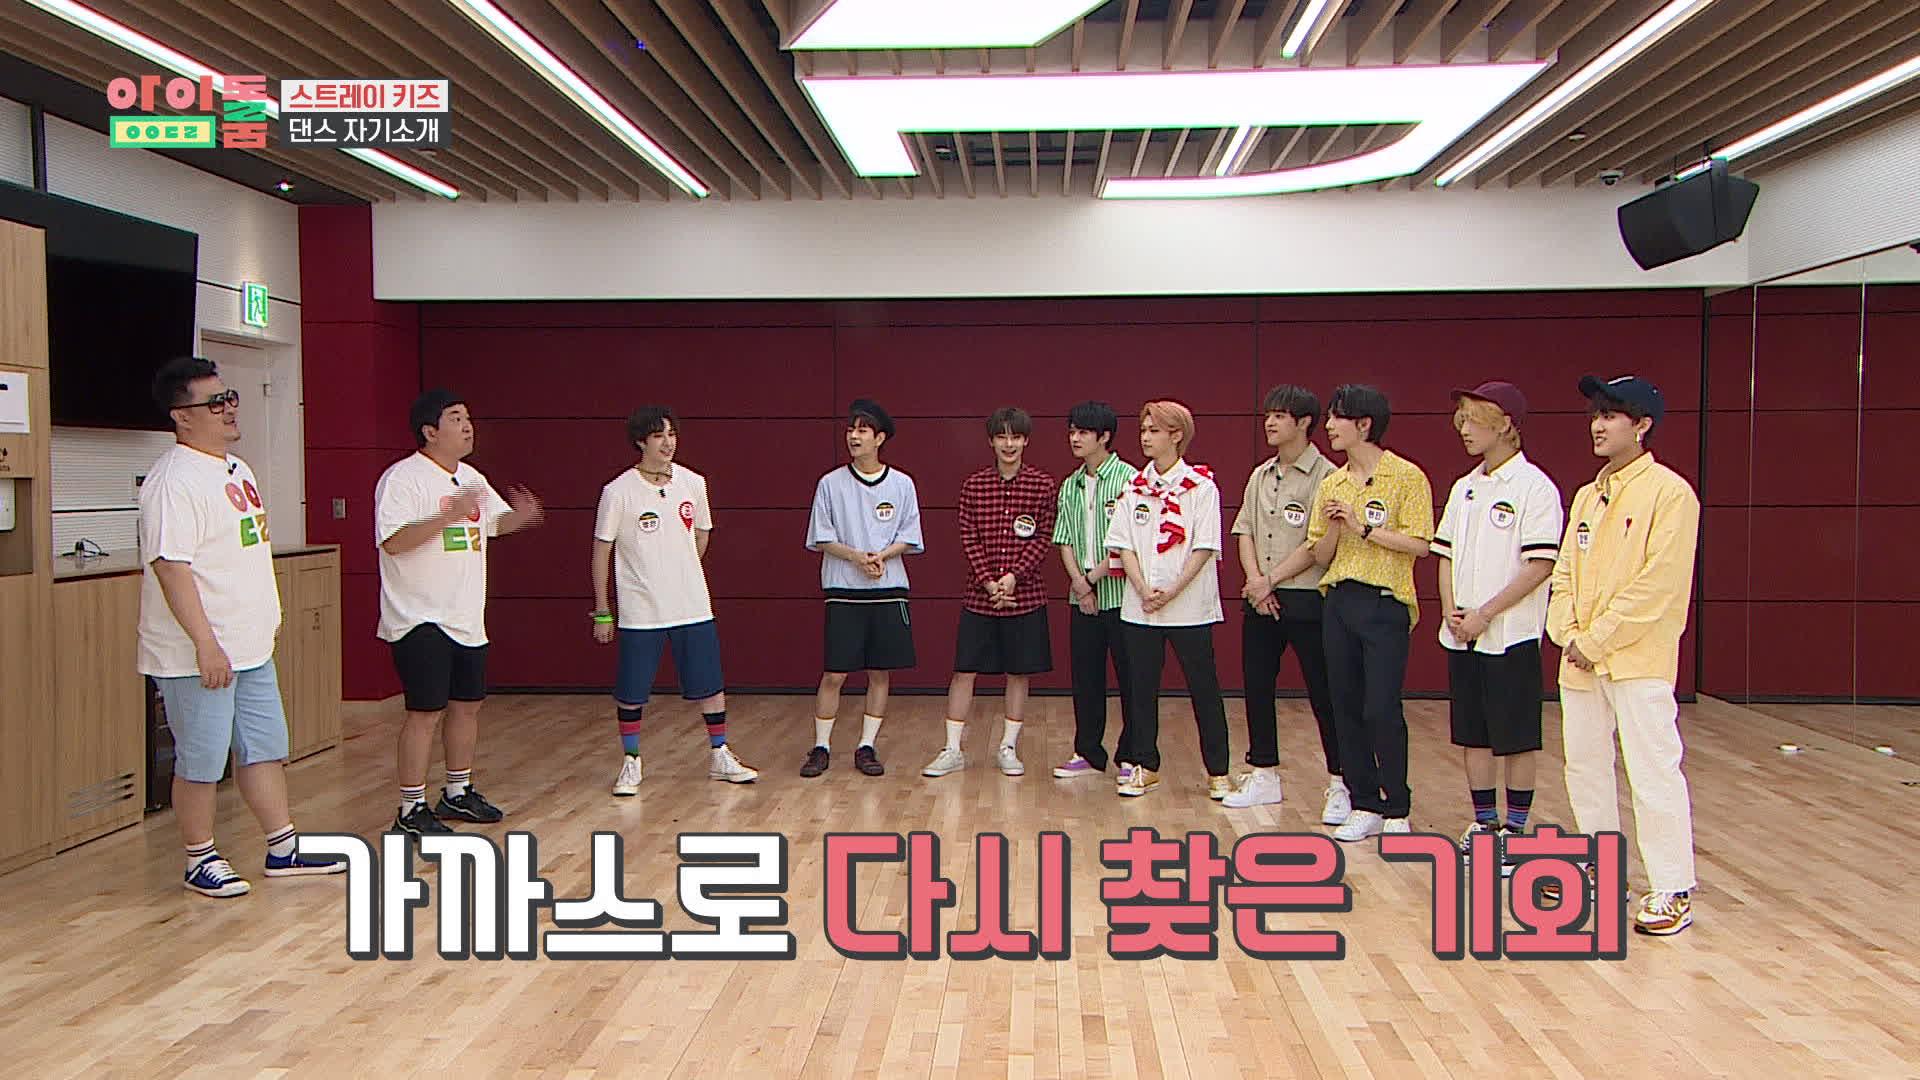 아이돌룸(IDOL ROOM) 16회 - 스트레이키즈, 댄스로 자기소개?! Stray Kids' dance introduction